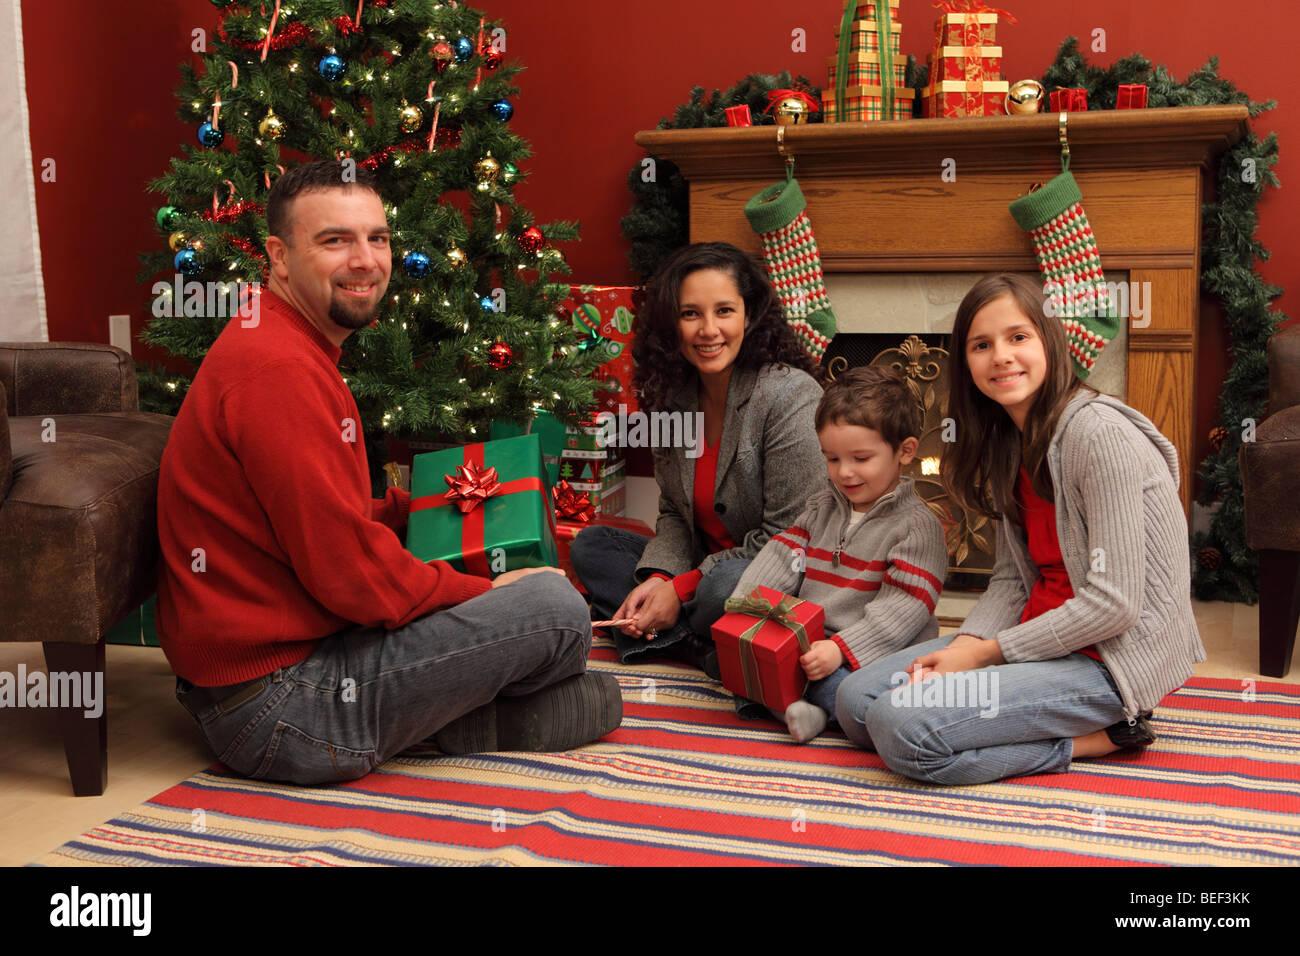 Famiglia con doni per albero di Natale Immagini Stock